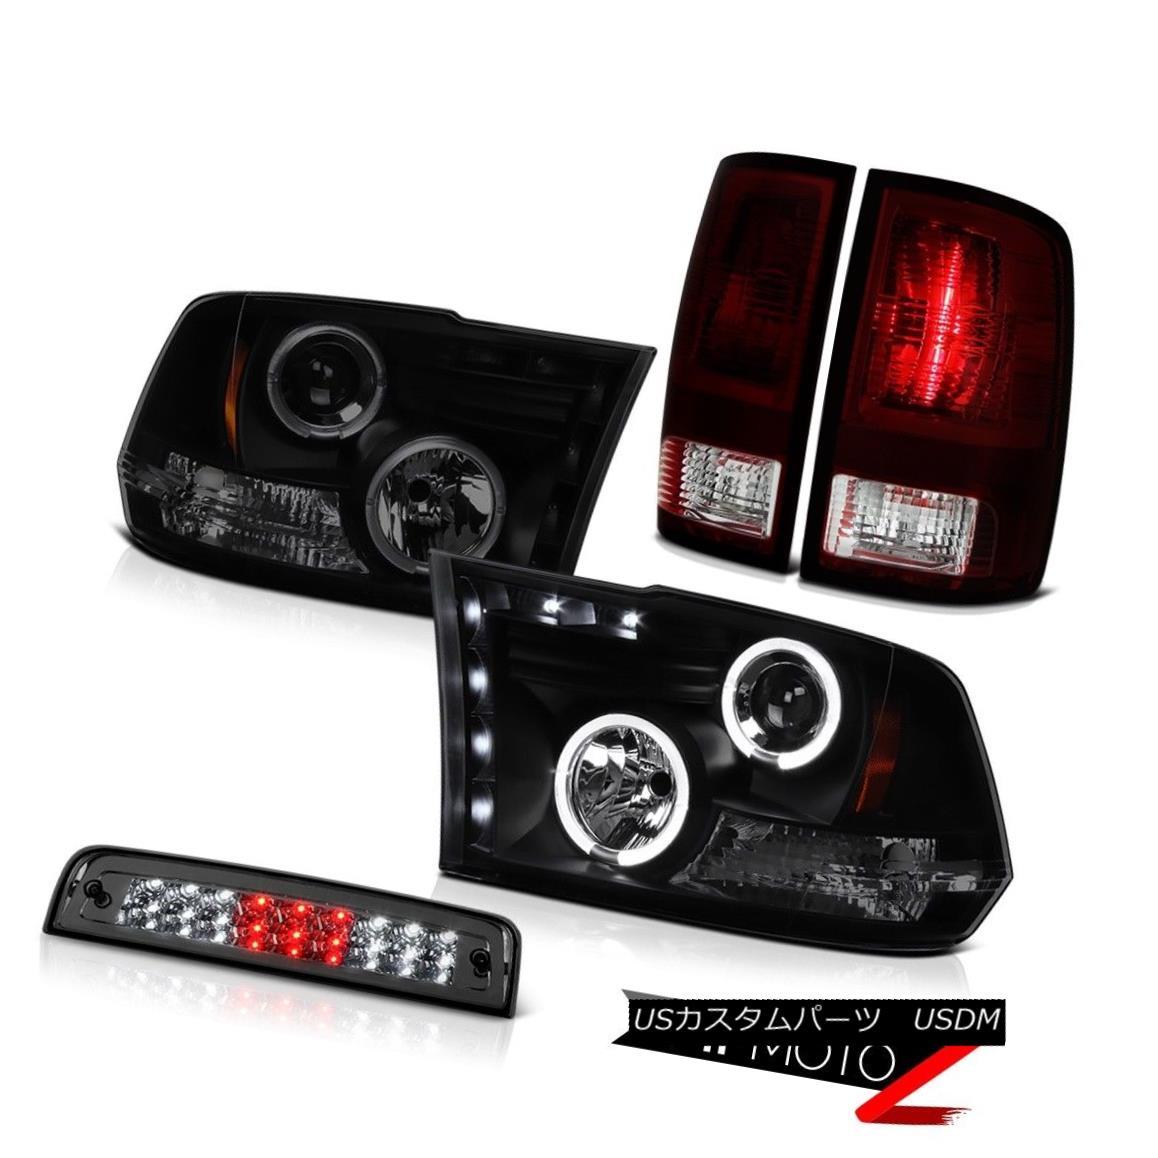 テールライト 10-18 Dodge Ram 2500 3500 6.7L Smoked Roof Cargo Light Tail Lights Headlights 10-18 Dodge Ram 2500 3500 6.7Lスモークルーフカーゴライトテールライトヘッドライト